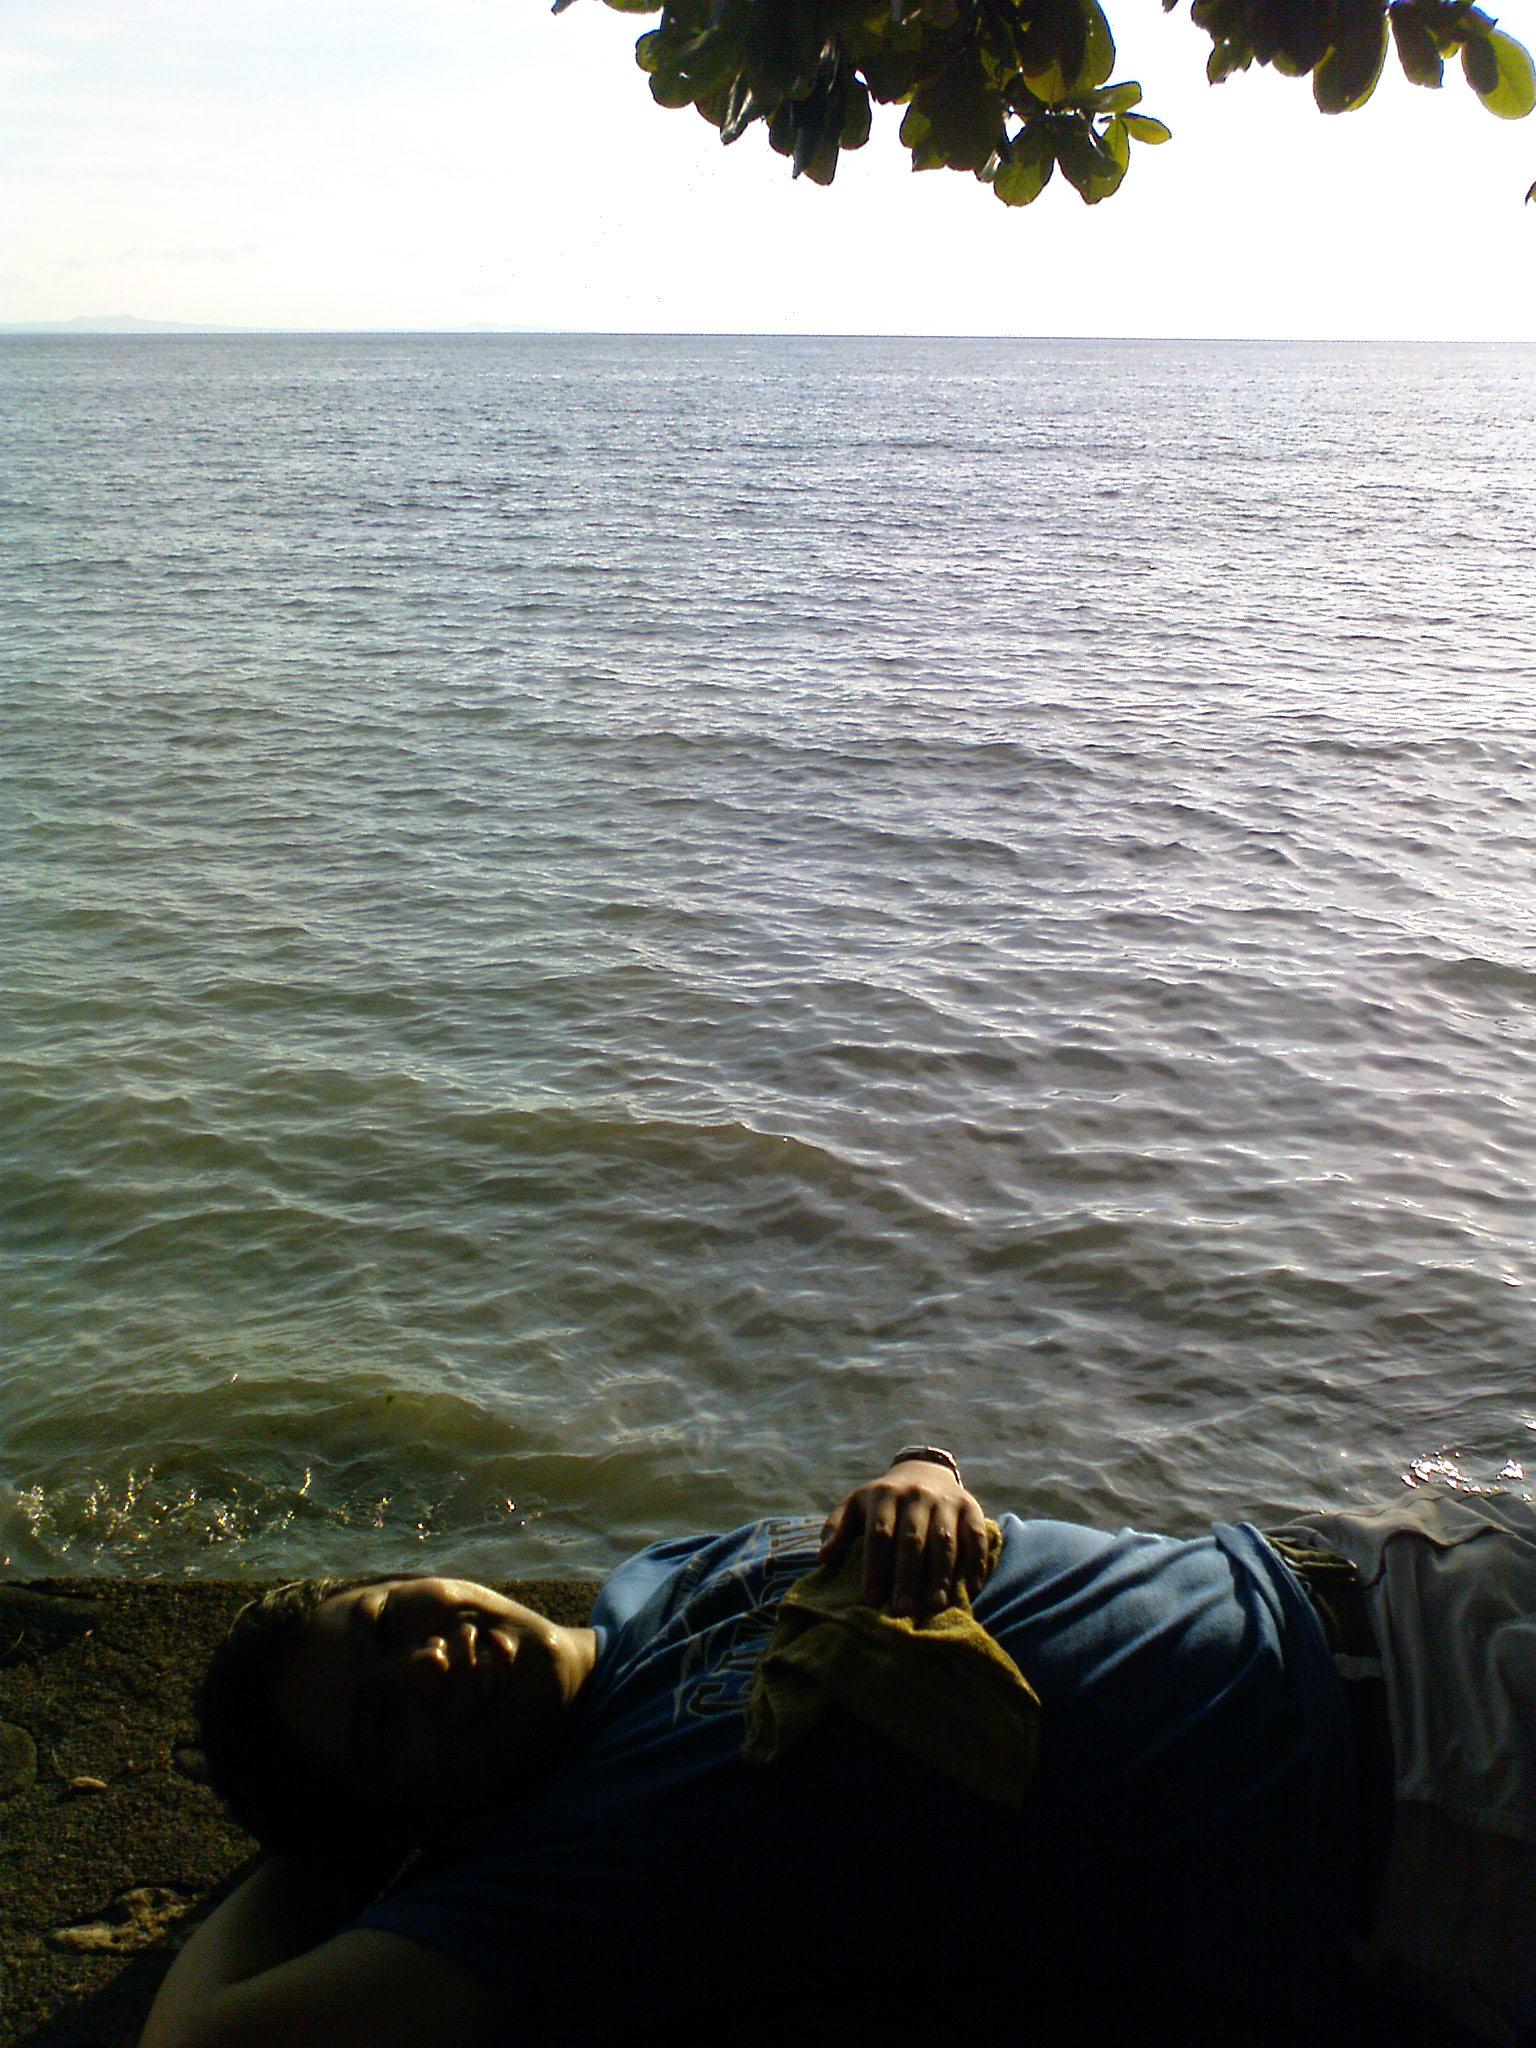 Lying Careless on a Beach